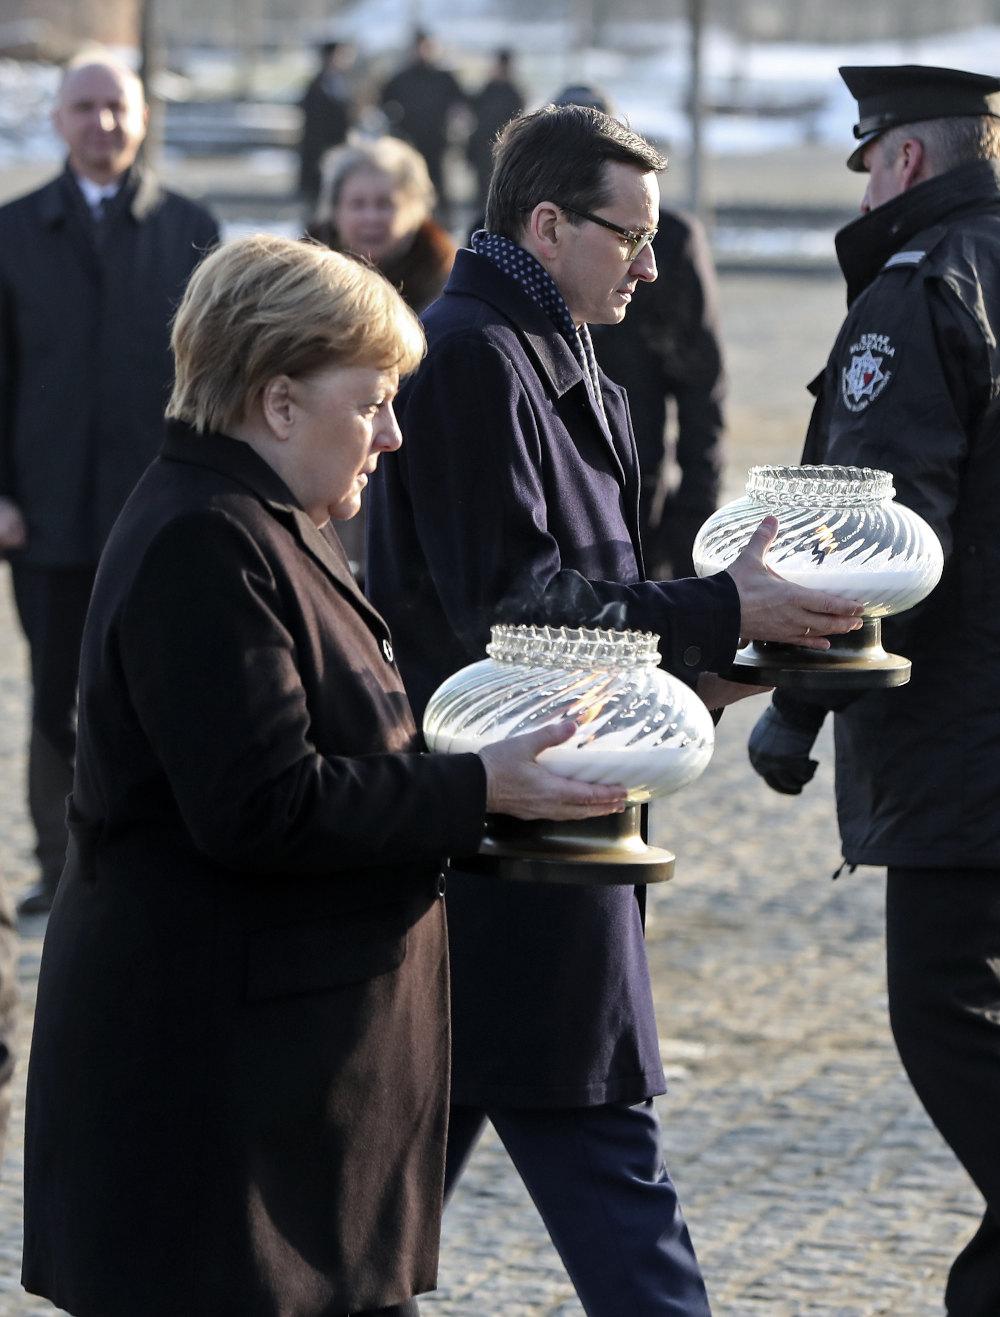 Μέρκελ και Μοραβιέτσκι με κεριά στα χέρια μπροστά από το μνημείο των νεκρών του Άουσβιτς εντός του στρατοπέδου